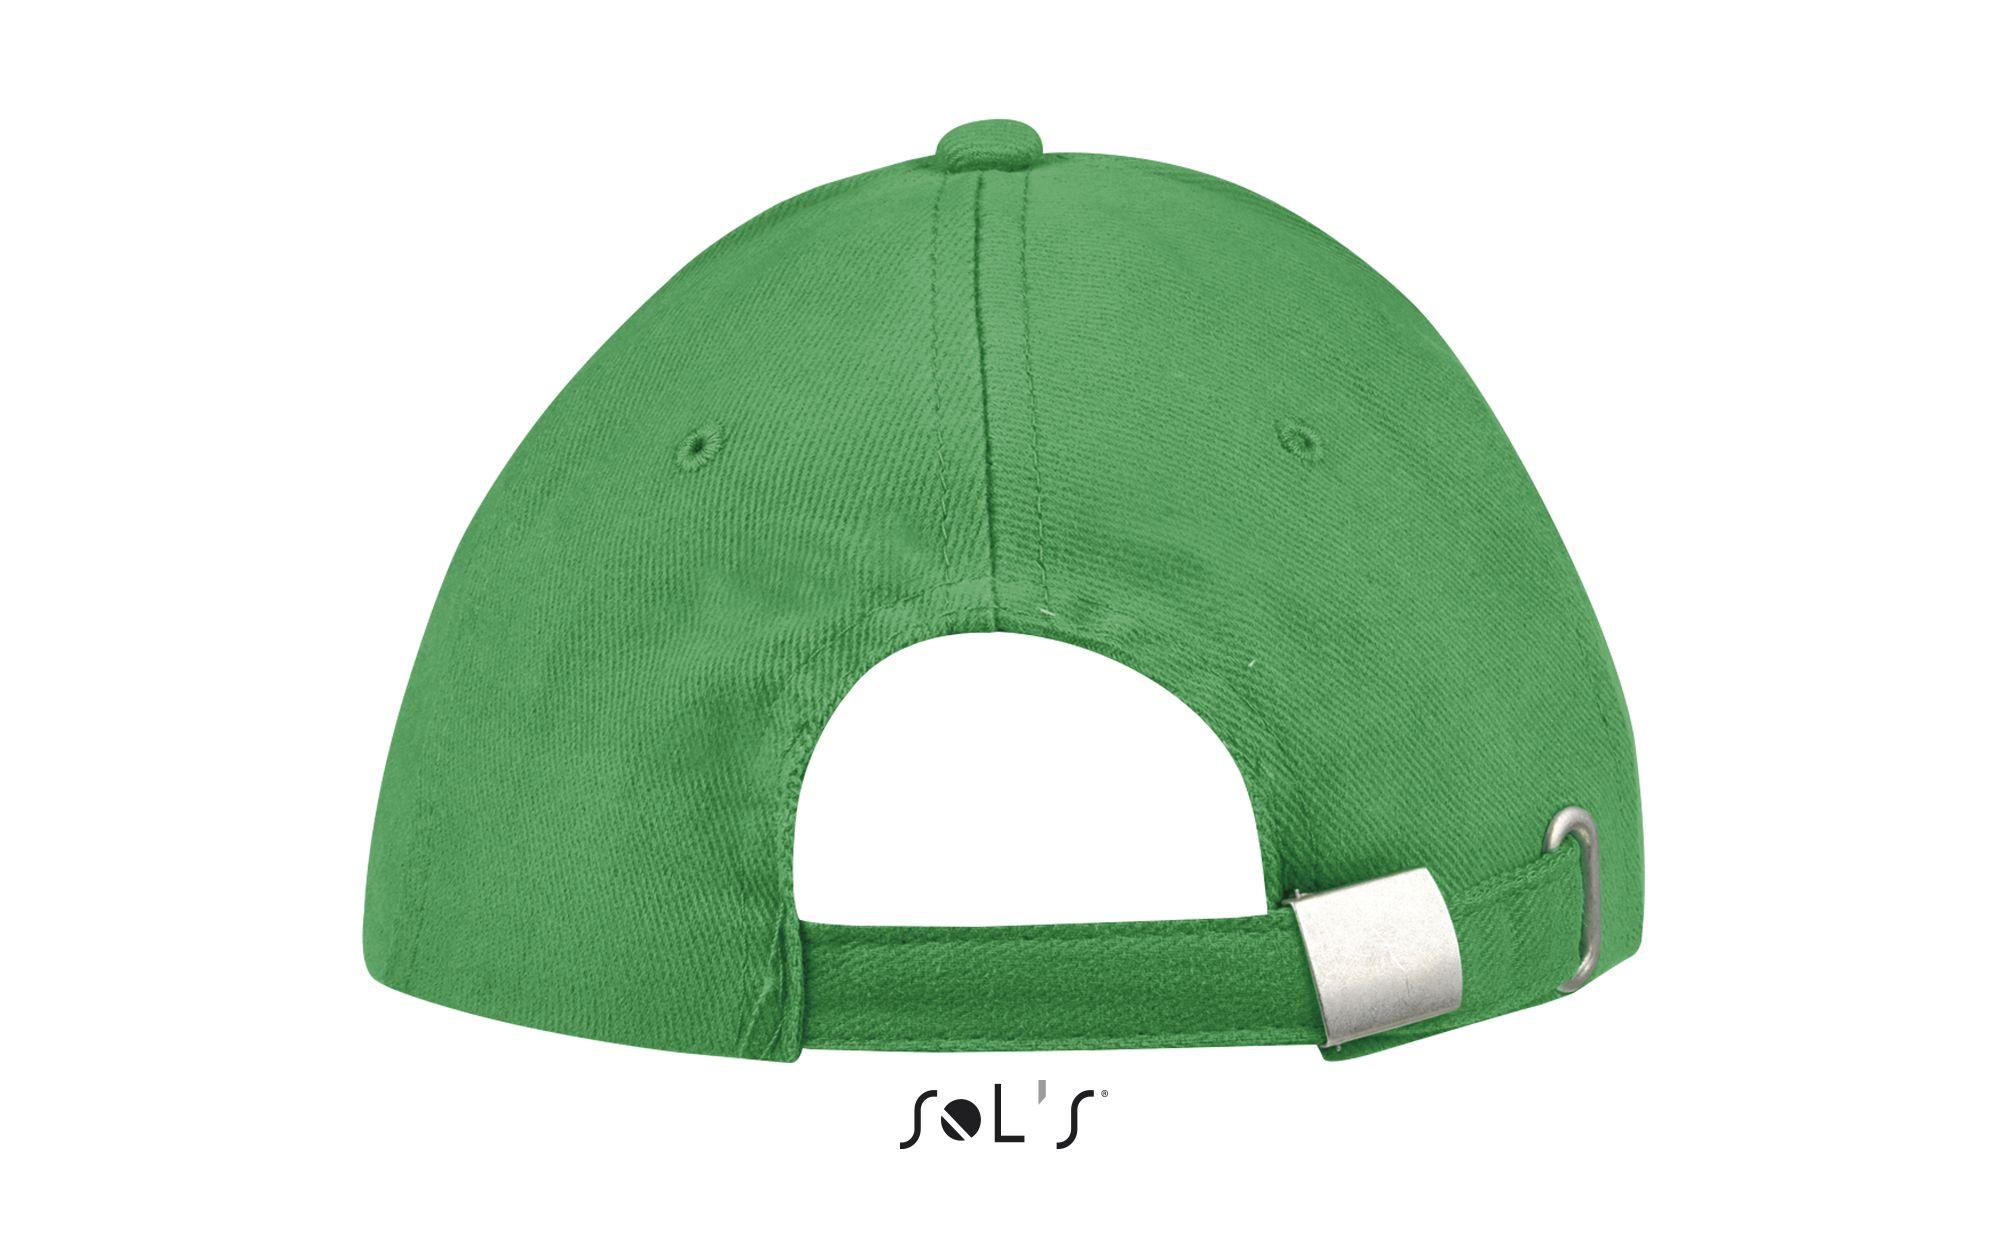 920 - Kelly green / White